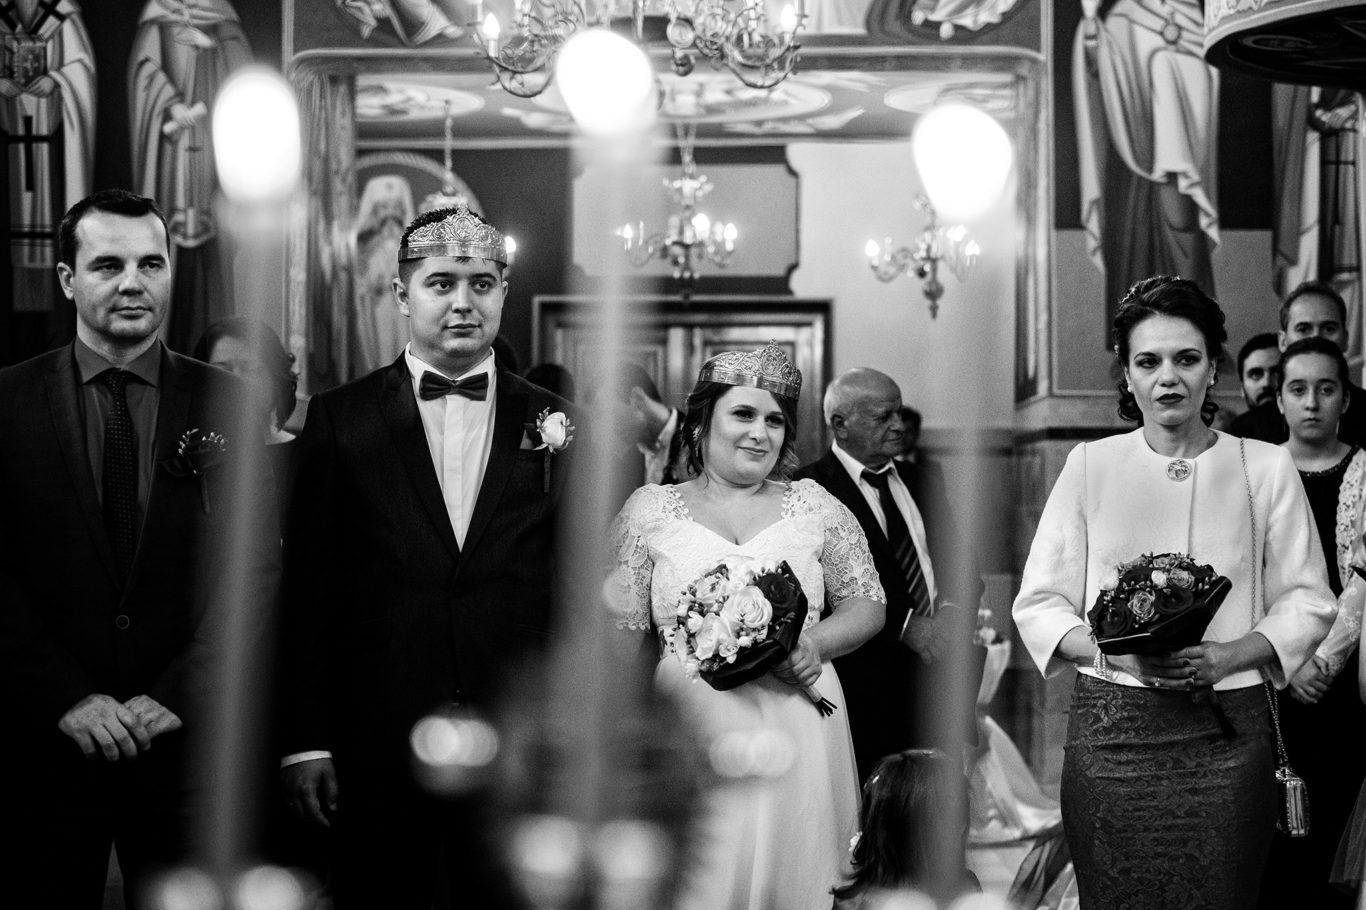 0134-Fotografie-nunta-Flory-Cristi-fotograf-Ciprian-Dumitrescu-DSCF7778